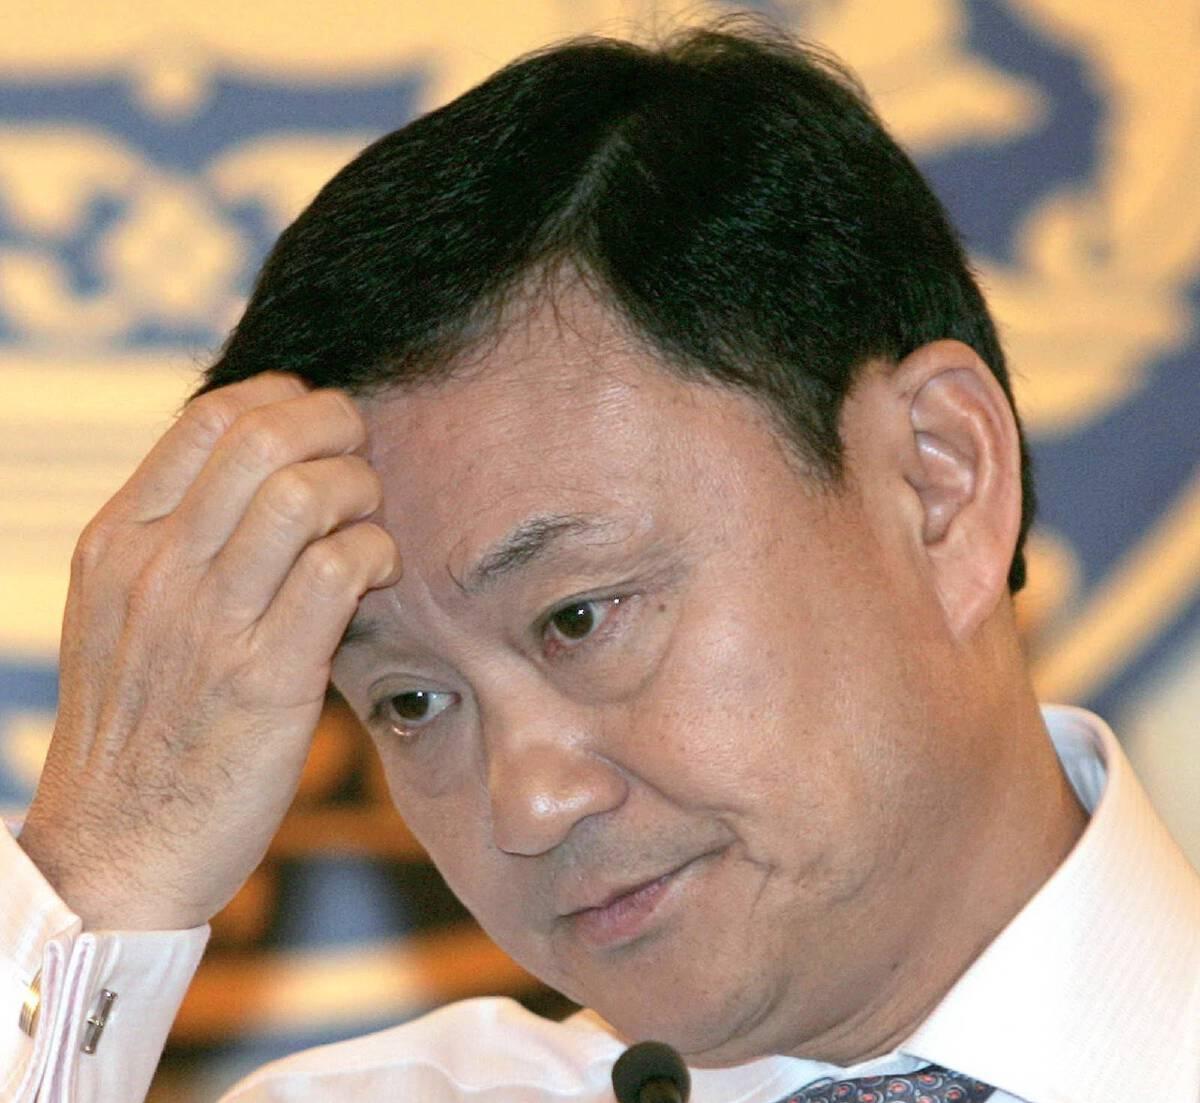 นายทักษิณ ชินวัตร อดีตนายกรัฐมนตรี